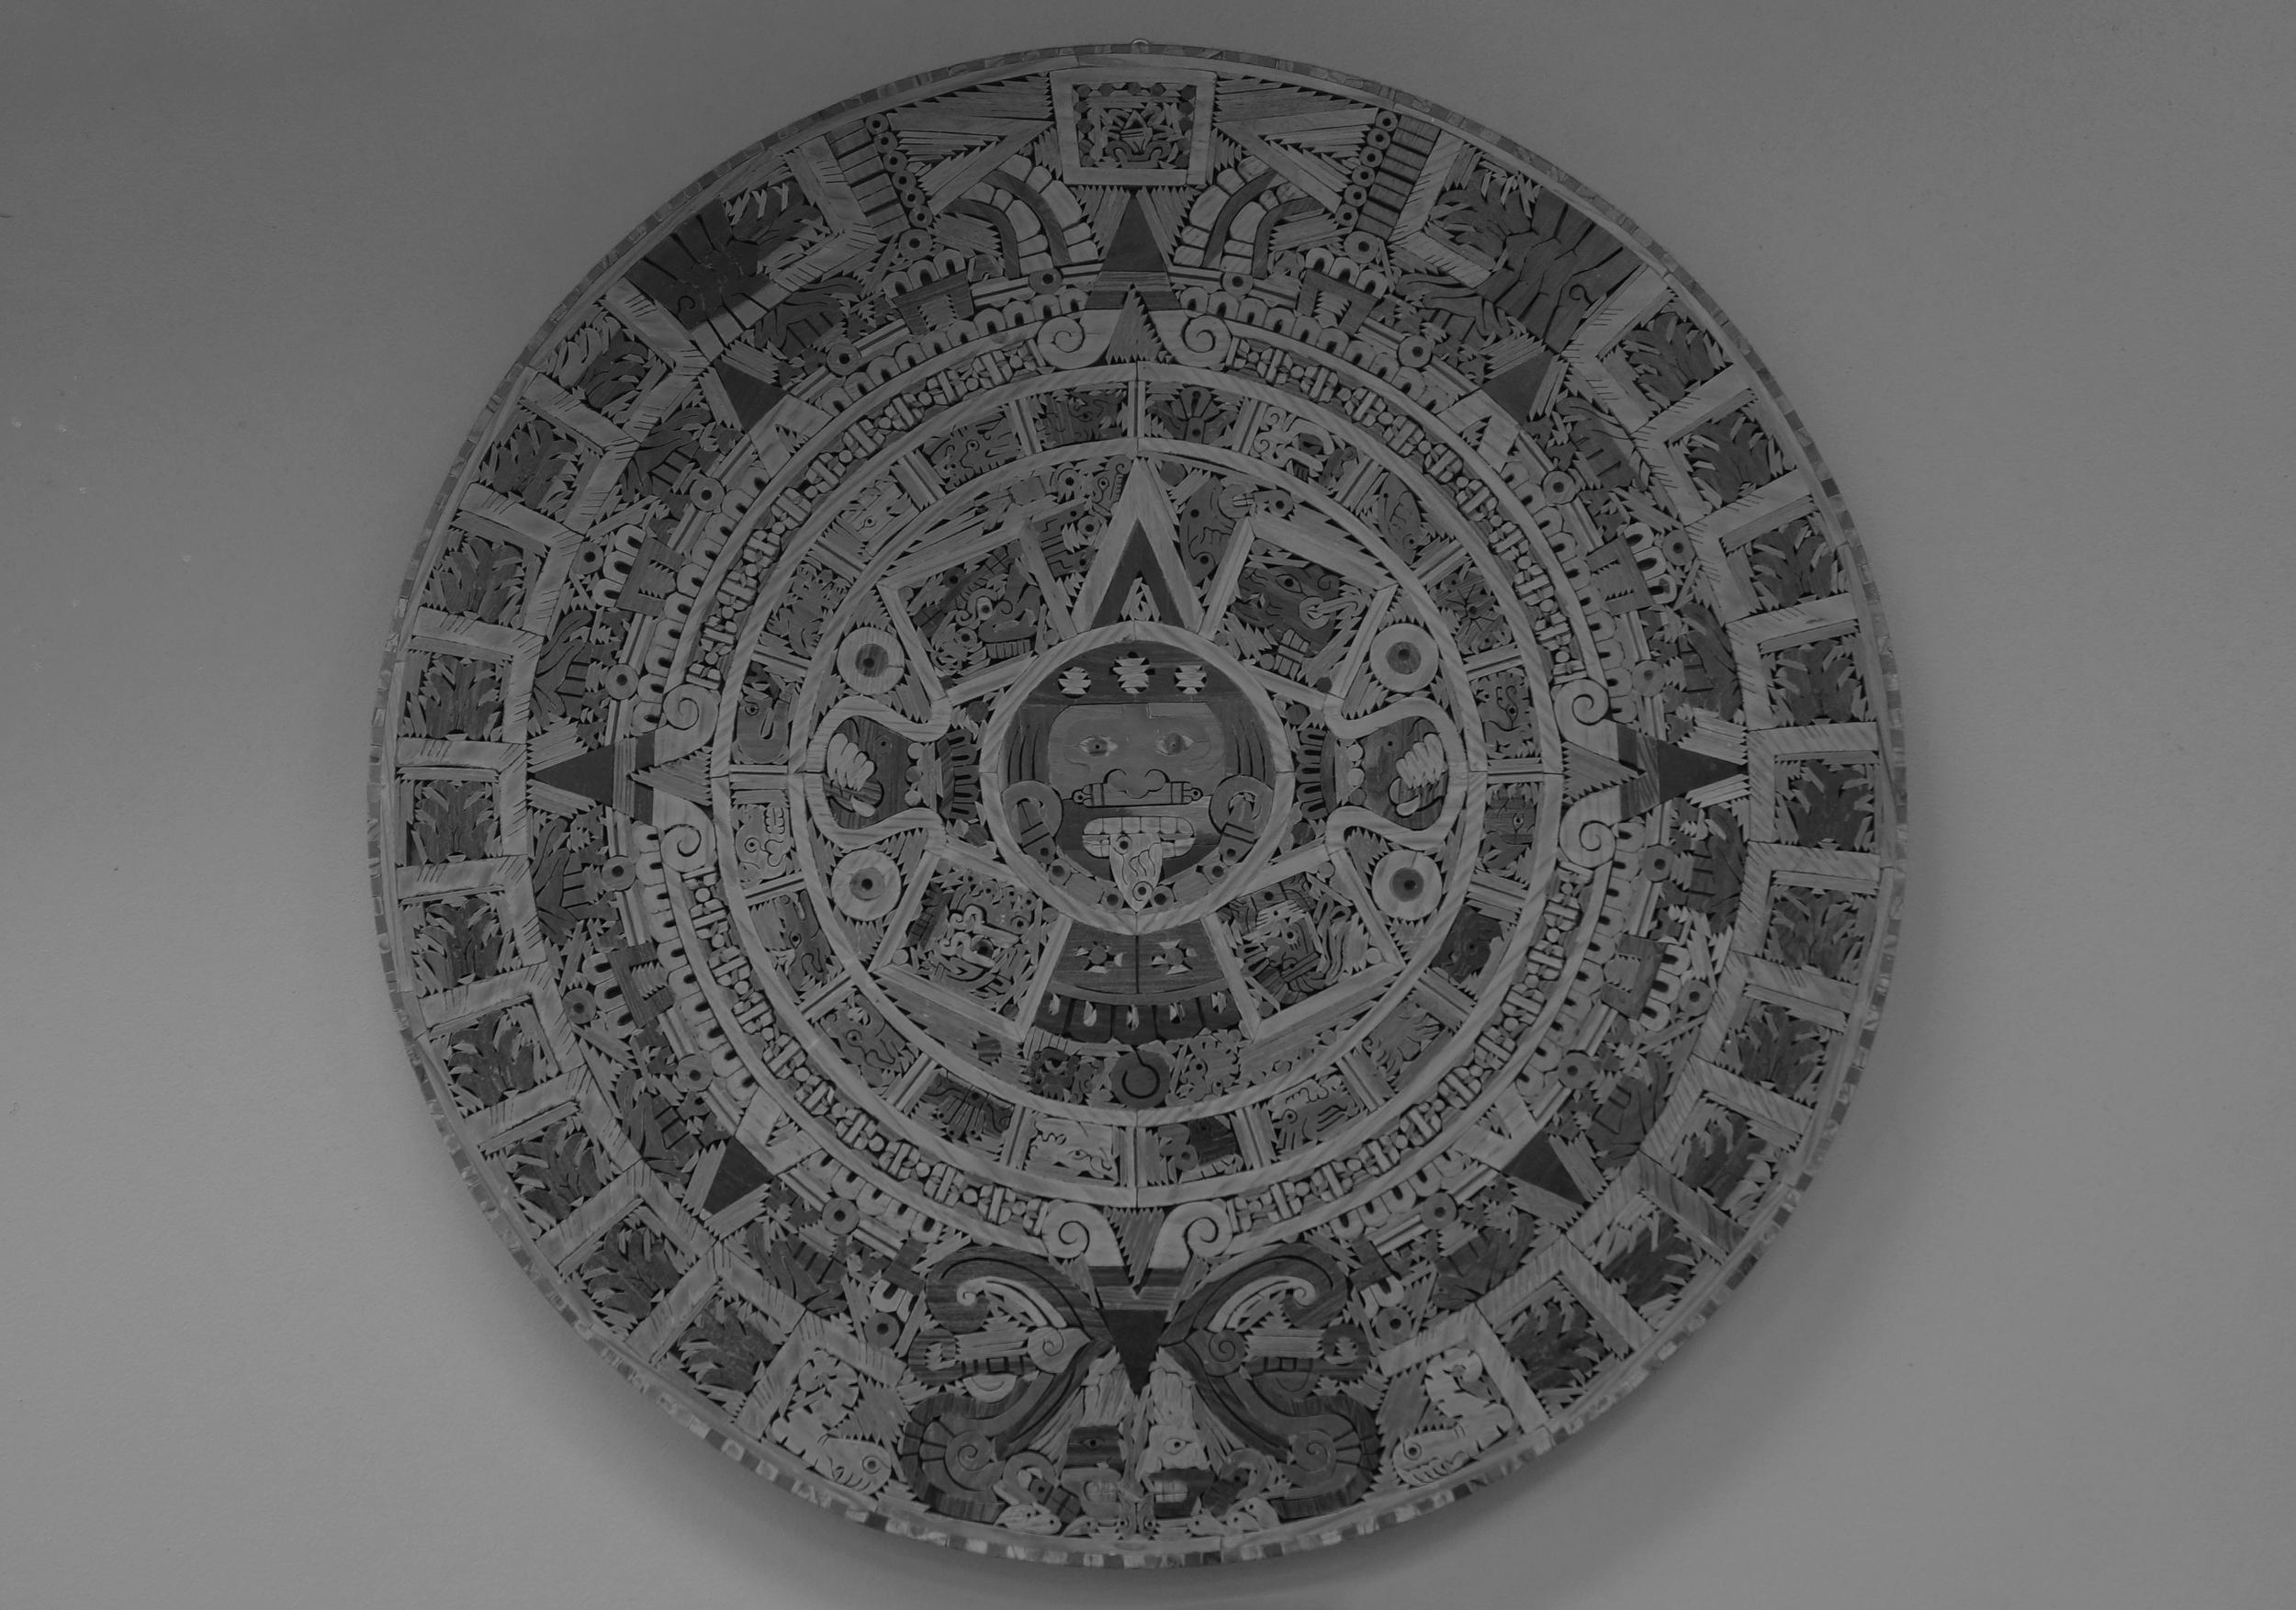 Aztec Calendar (Calendario Azteca)